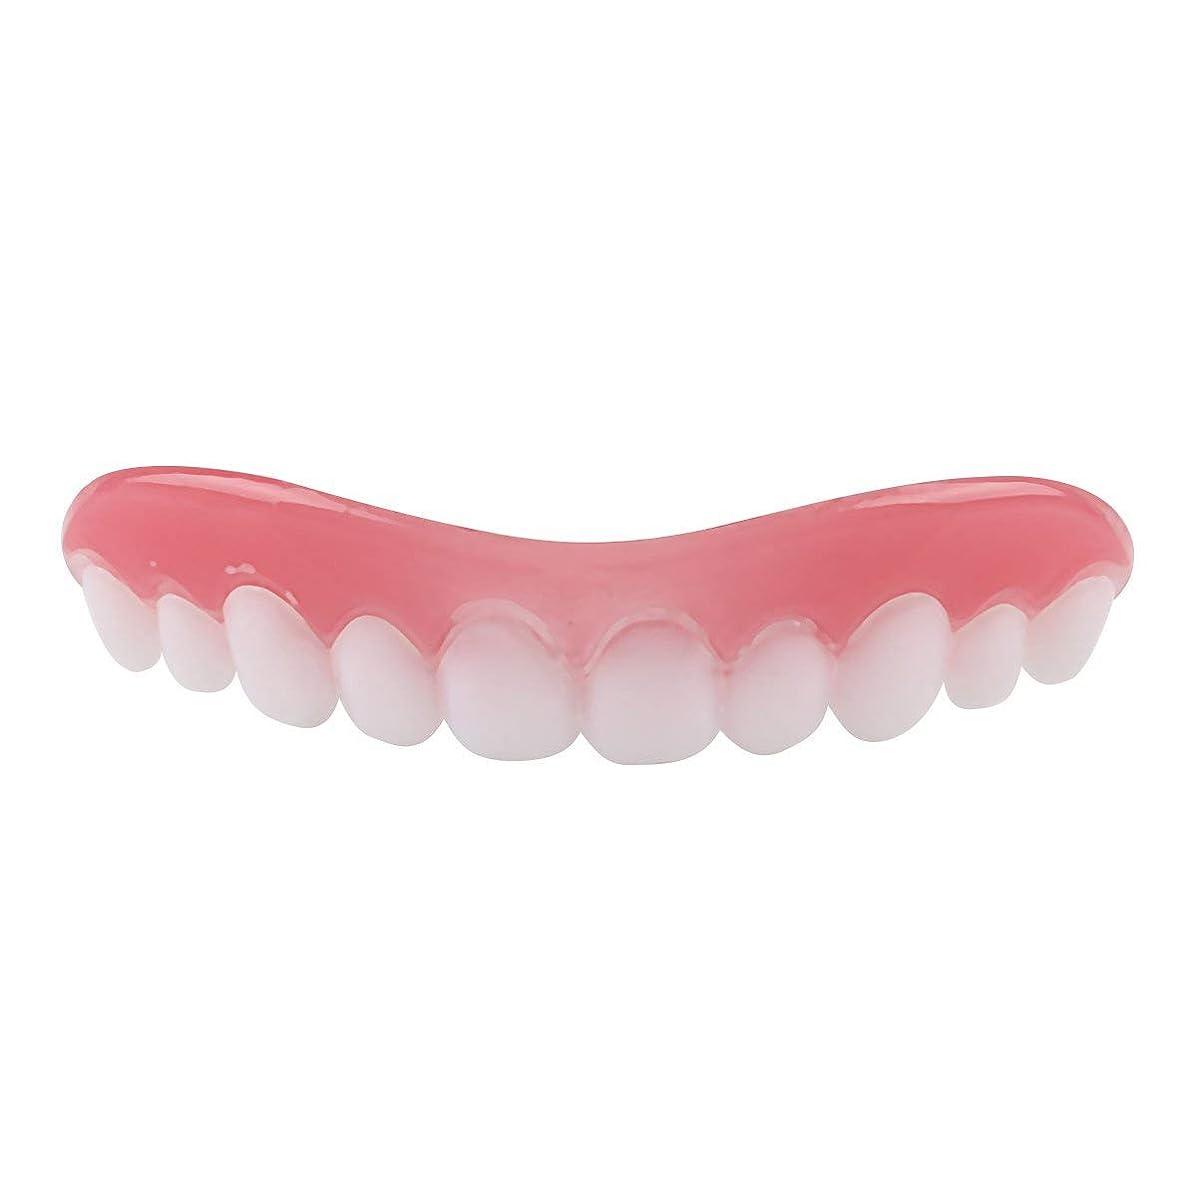 くま対話キノコ1st market プレミアム アクセティース 上歯 笑顔を保つ 便利